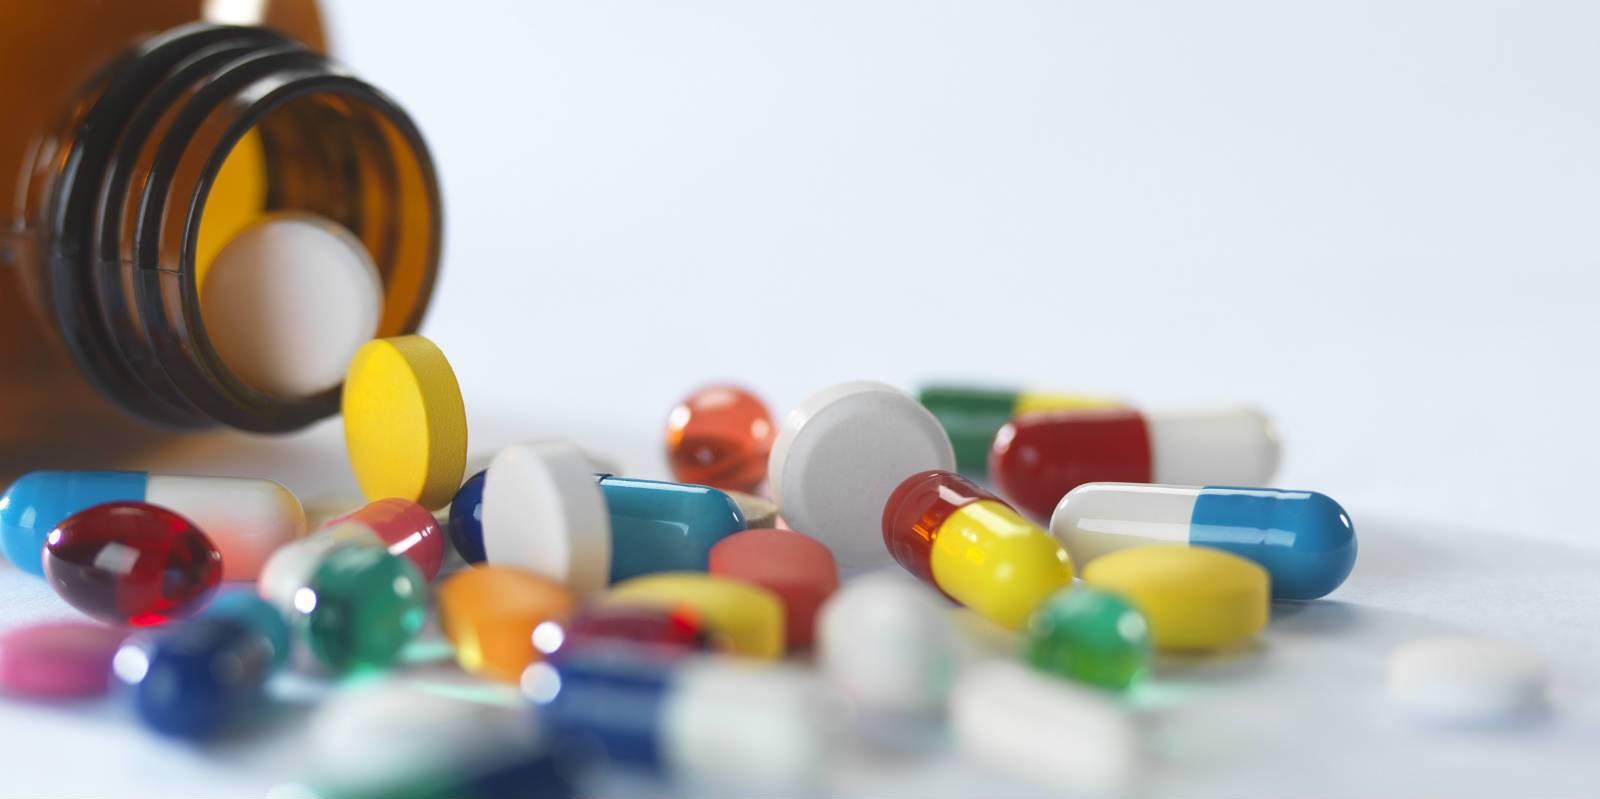 3年不到10%的品种通过!仿制药一致性评价究竟难在哪儿?